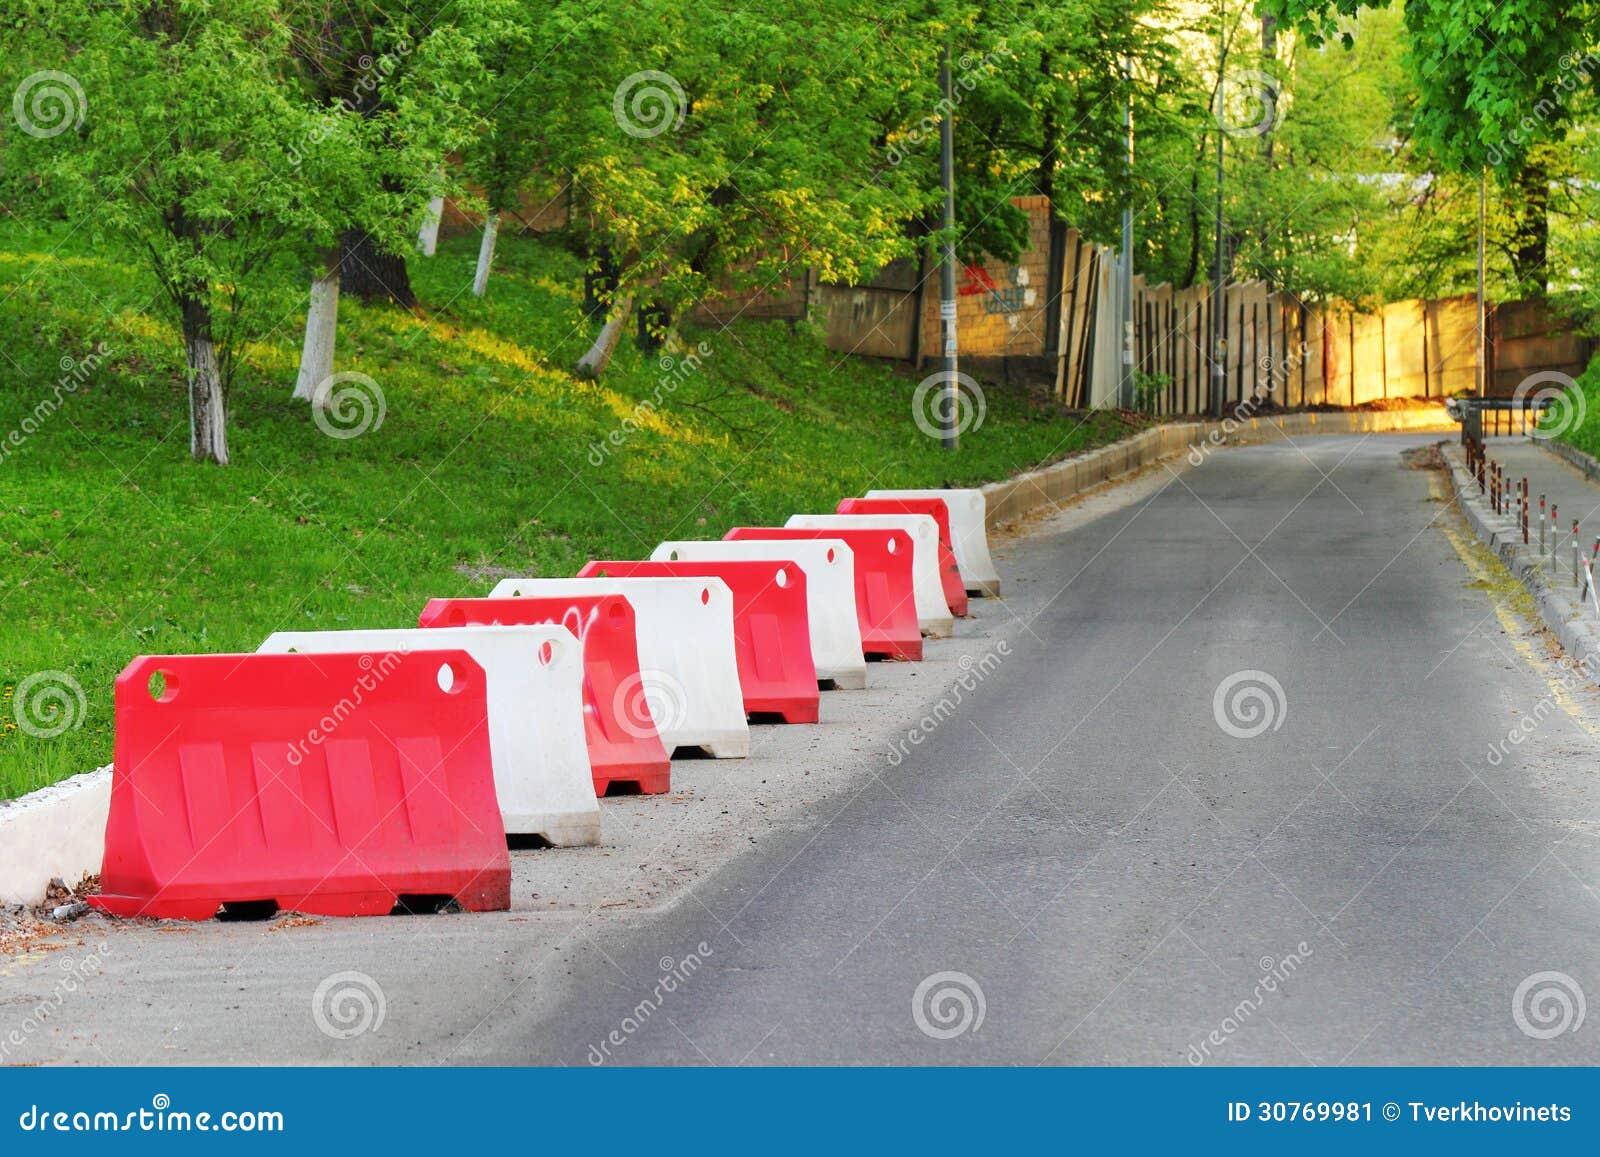 Barrier blocks stock image